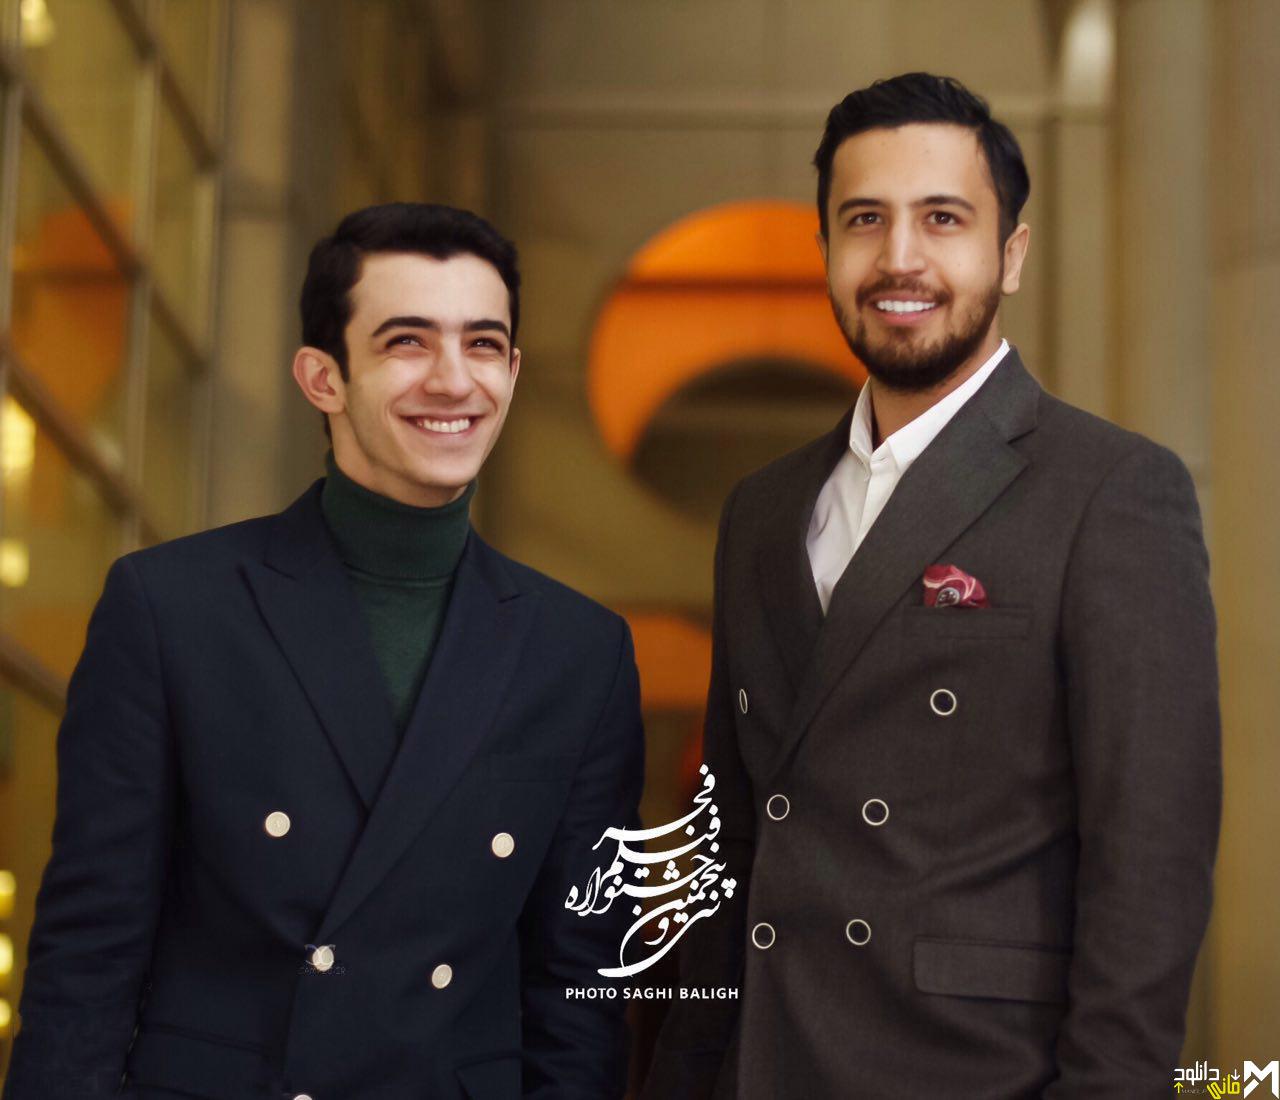 مهرداد صدیقیان و علی شادمان در افتتاحیه جشنواره 35 فیلم فجر